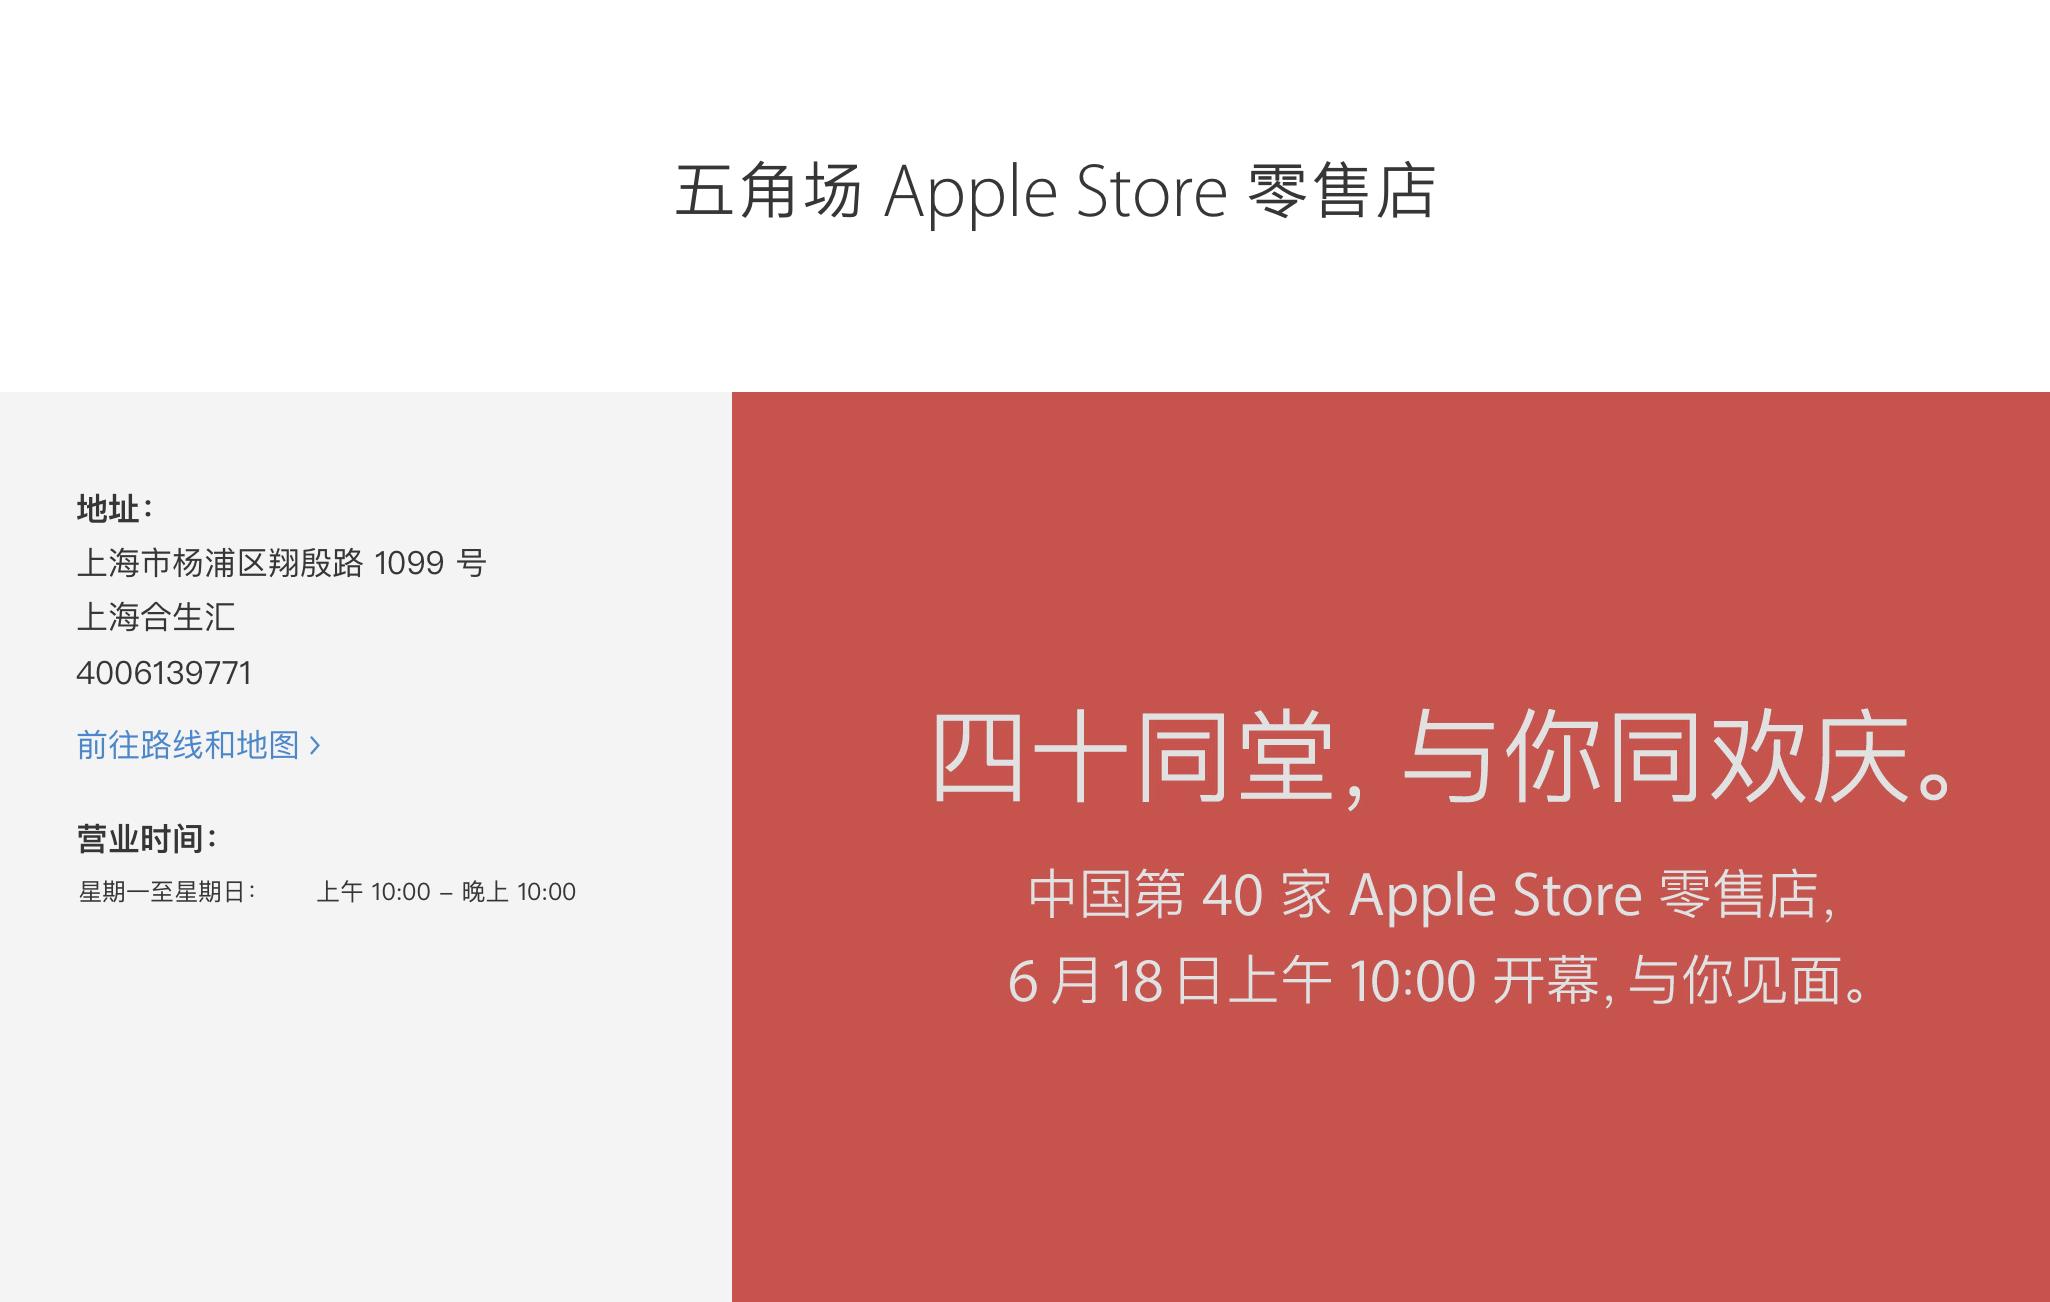 apple_cn_retail_wujiaochang